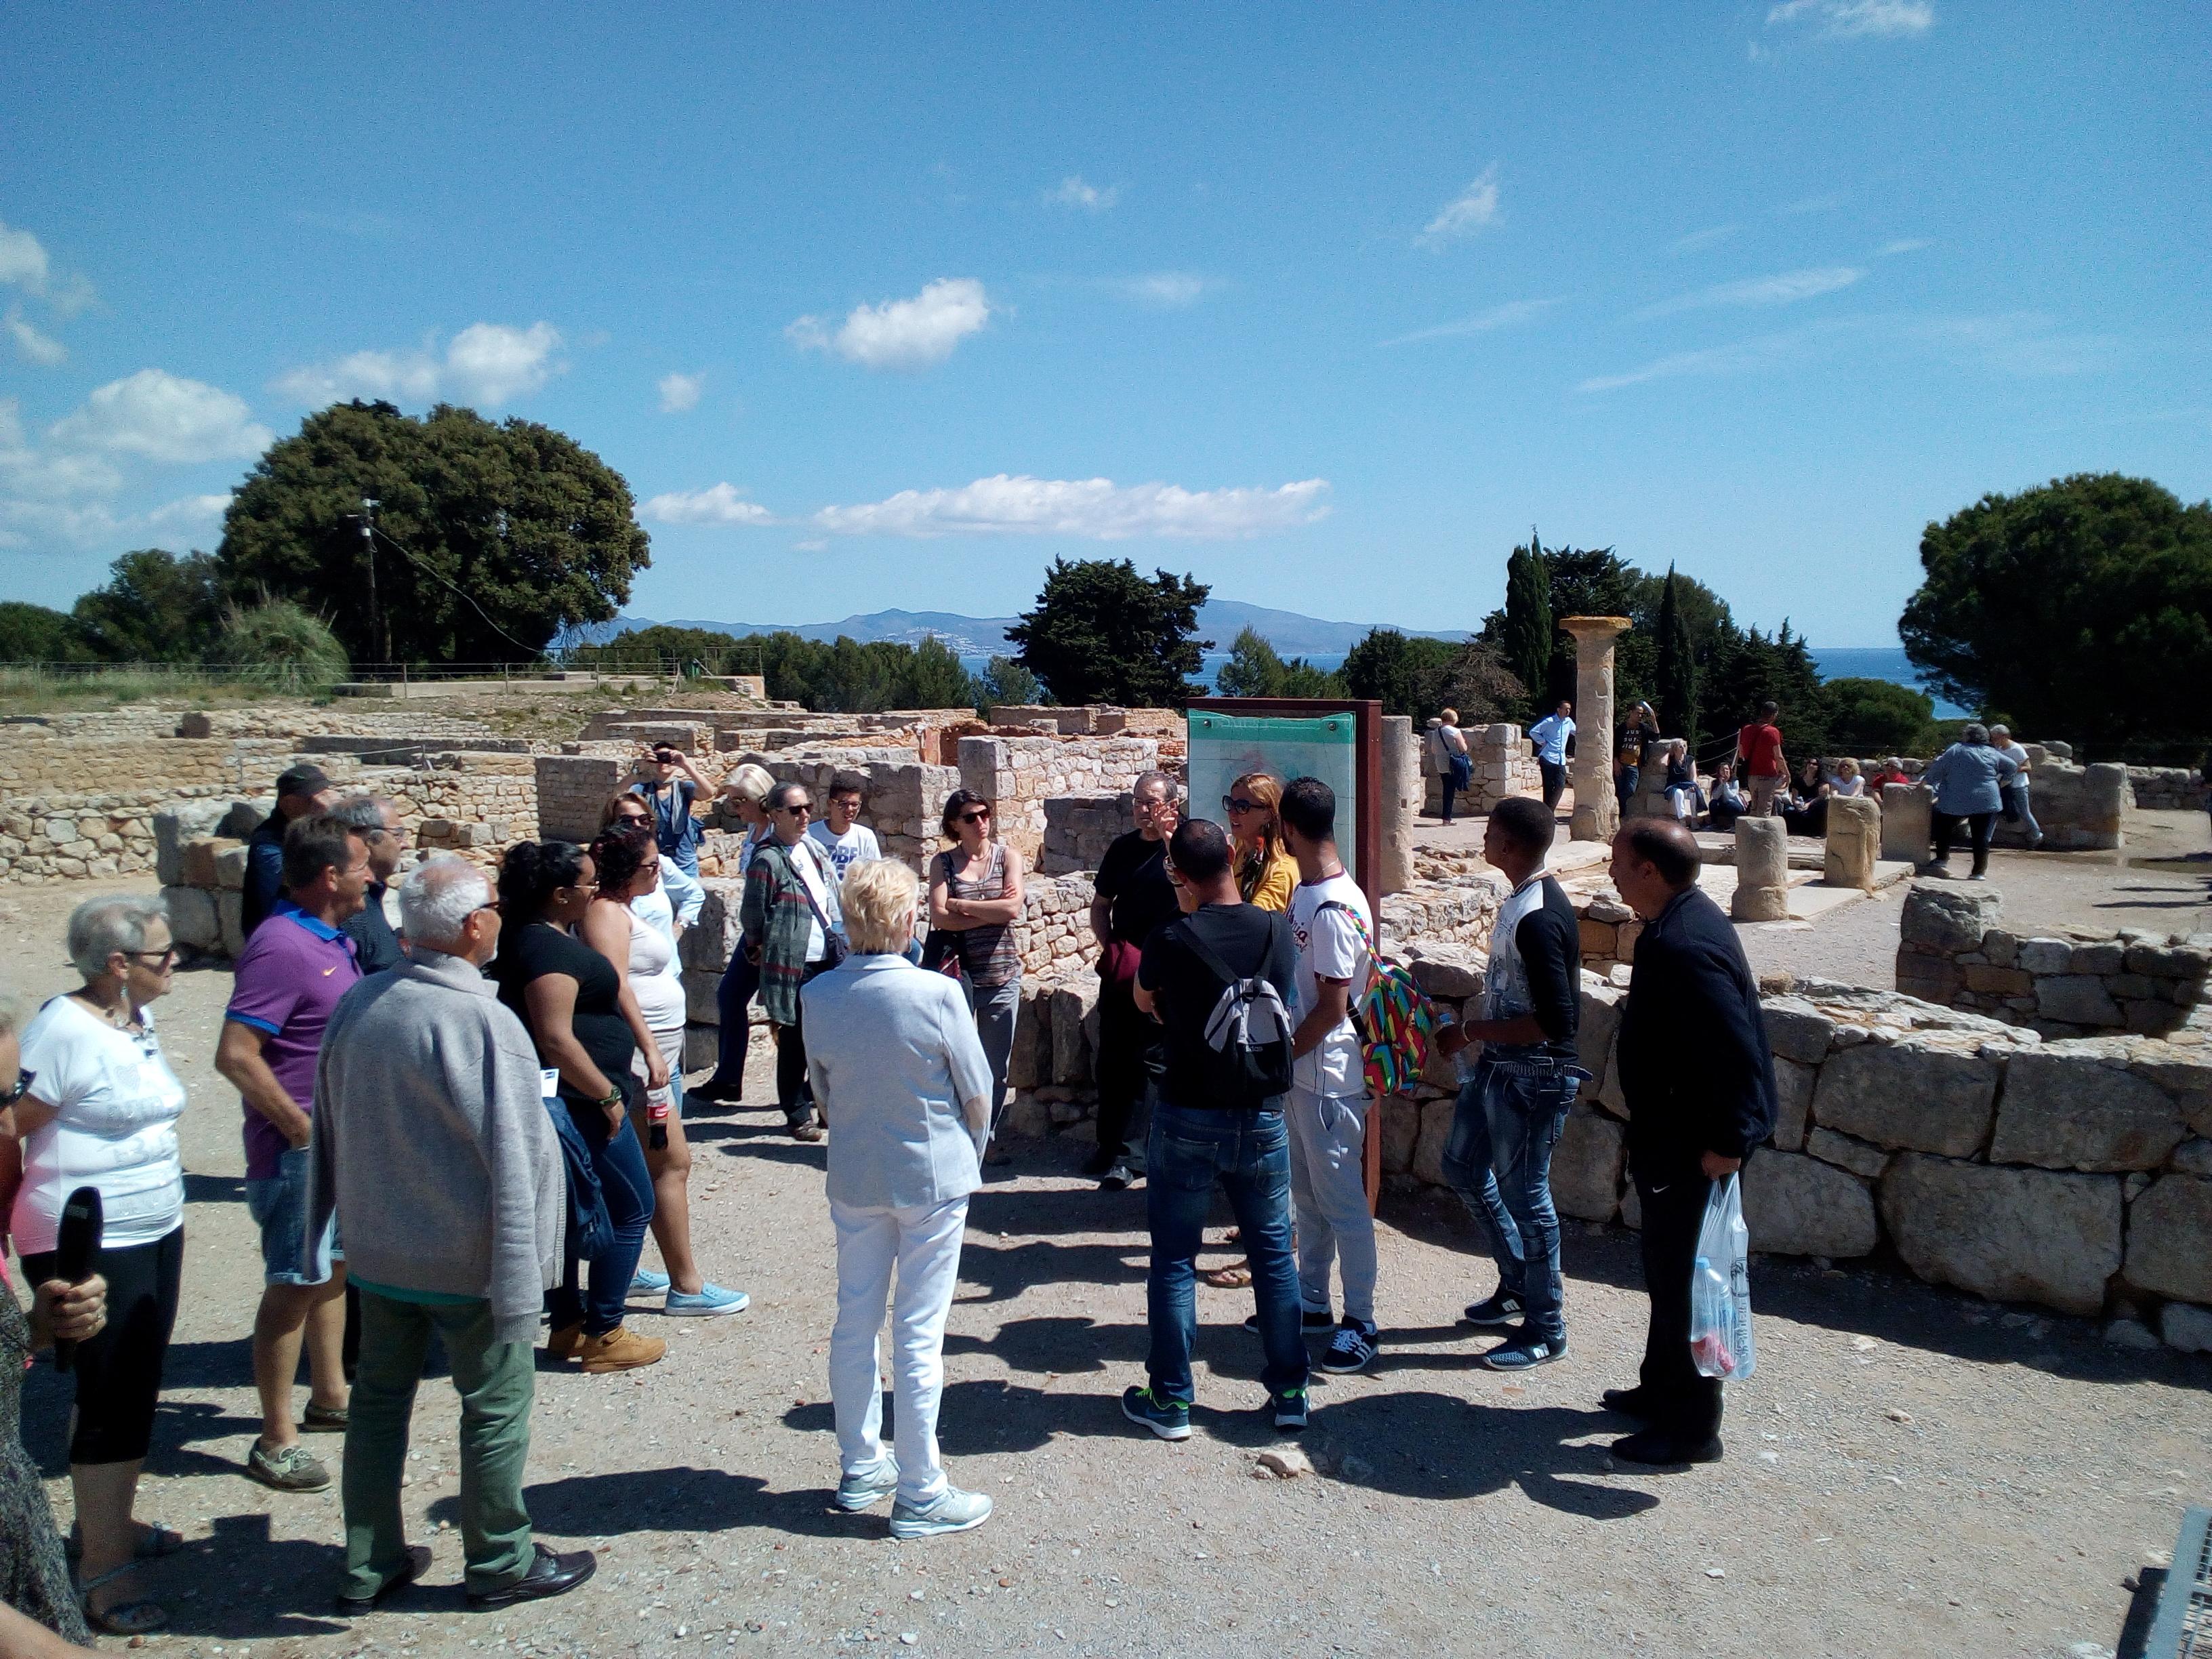 Alumnes de català i parelles lingüístiques de l'Alt Empordà, la Garrotxa i el Ripollès visiten el MAC Empúries i el MASLE de l'Escala